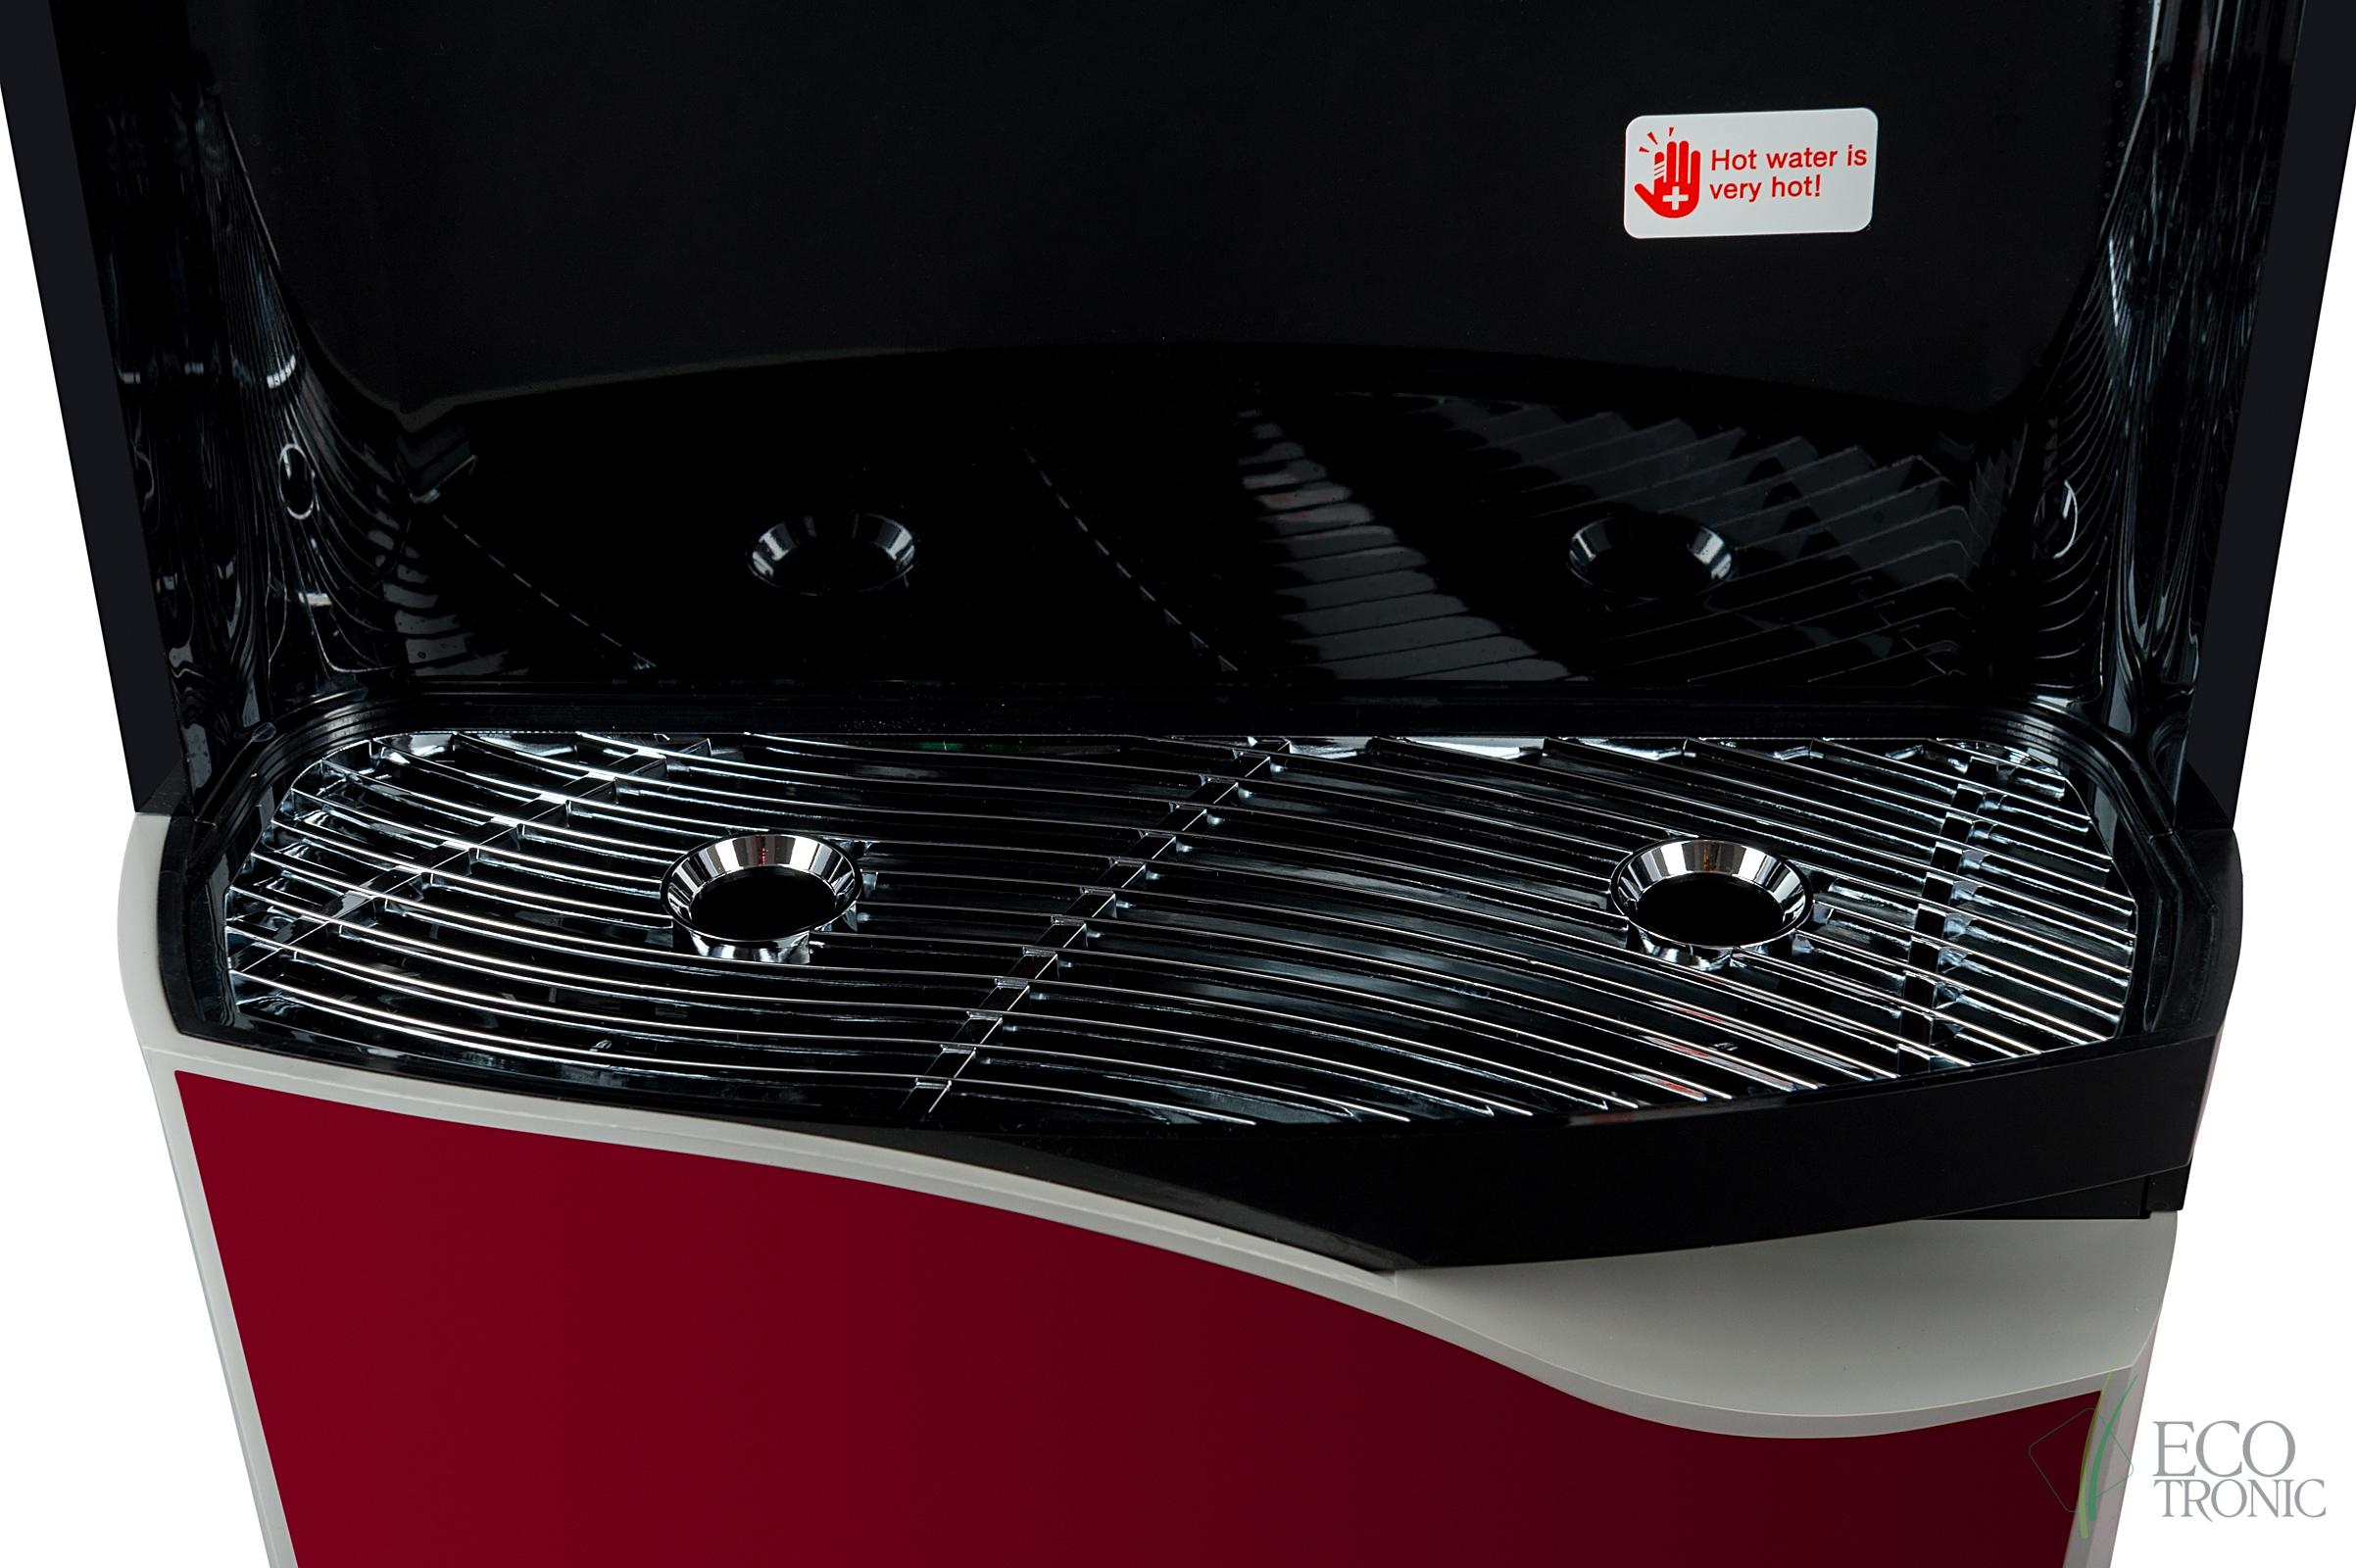 Пурифайер Ecotronic V80-R4LZ red